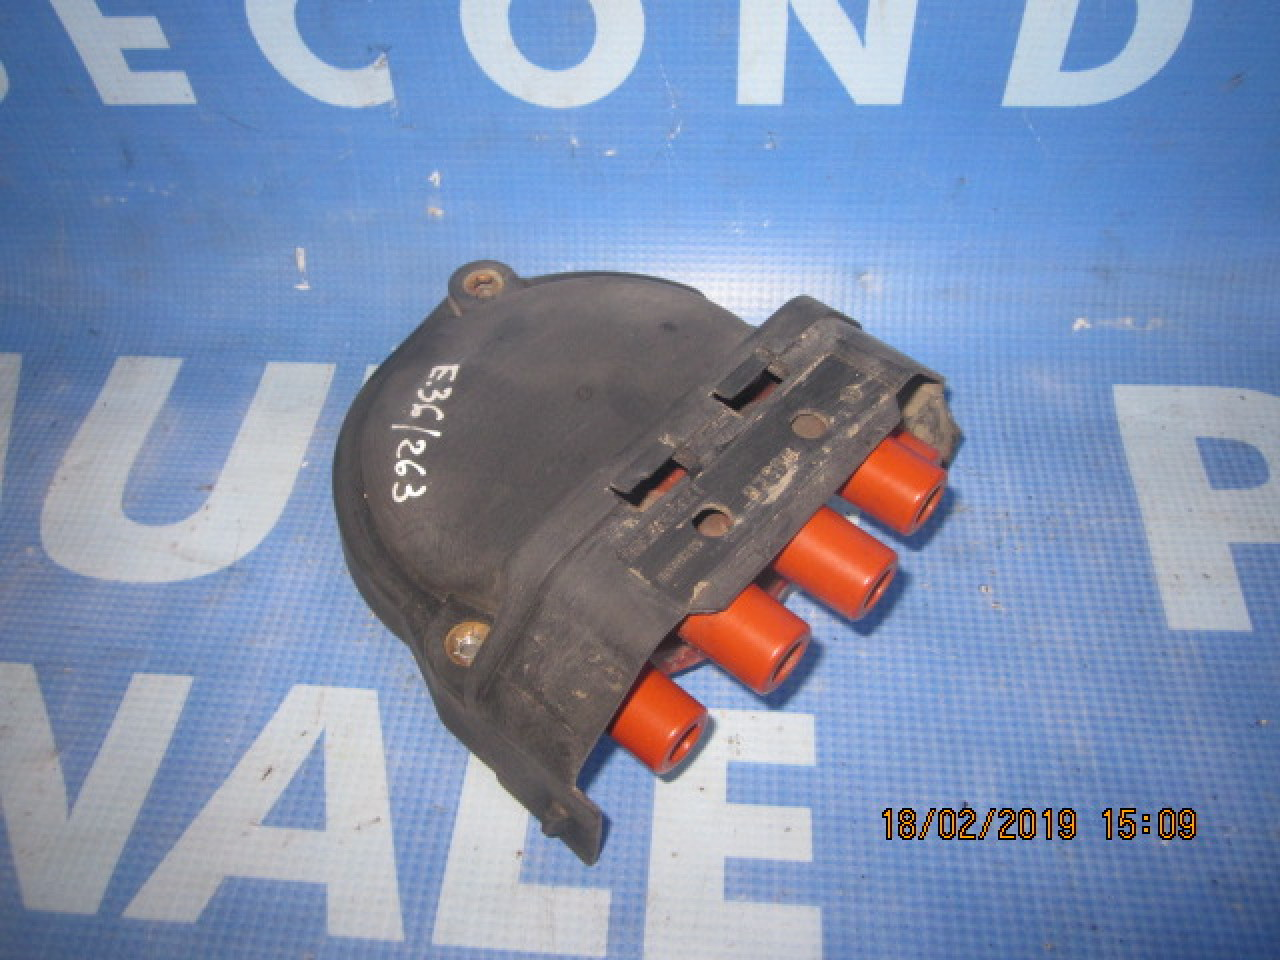 Capac delcou BMW E36 318i 1.8i M40; 1235522397